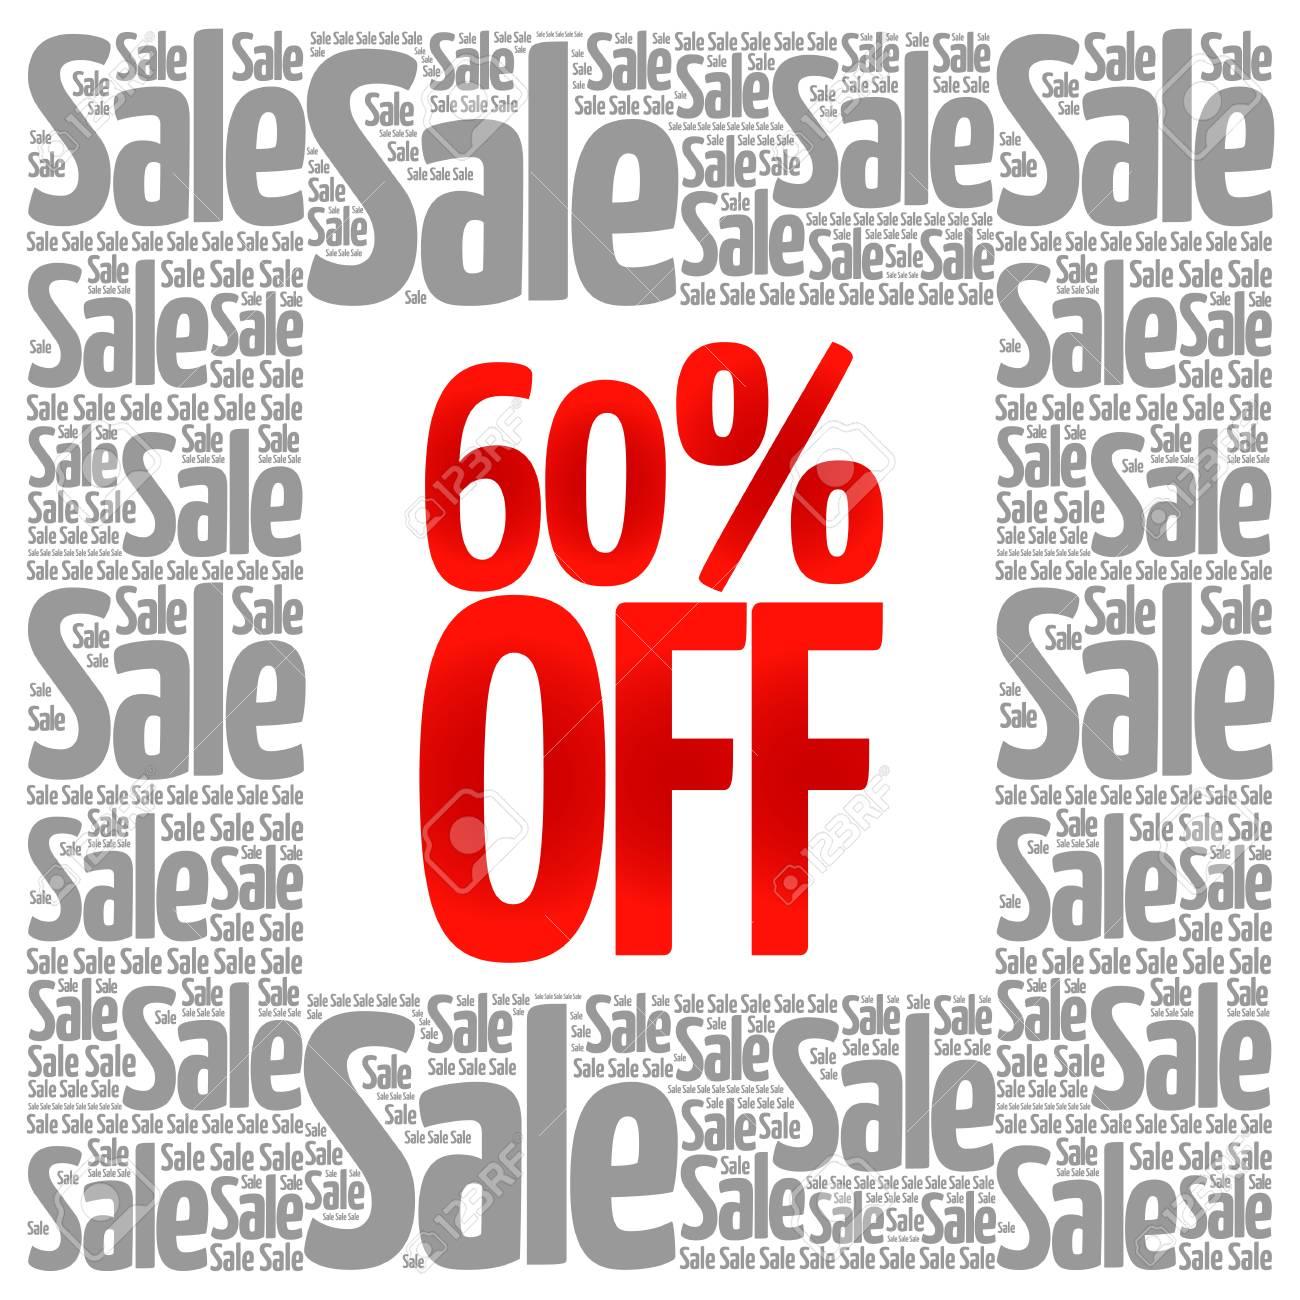 e6cedad25 60% OFF Sale Words Cloud